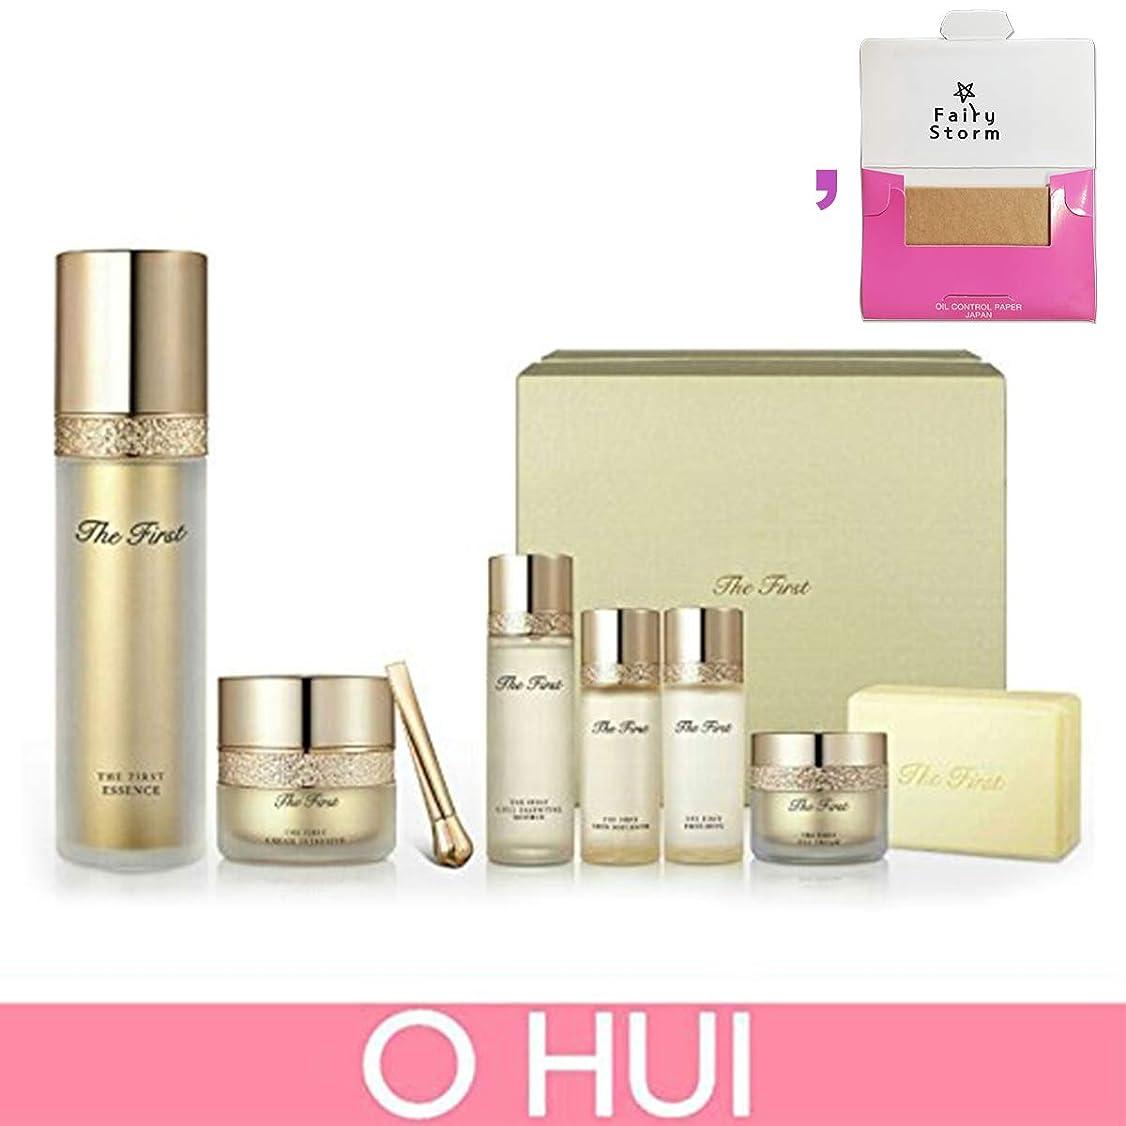 コーナーするだろう自分の力ですべてをする[オフィ/O HUI]Ohui The First Essence Gold Edition Special Set 100ml /OH ザ ファースト エッセンス 100ml + [Sample Gift](海外直送品)